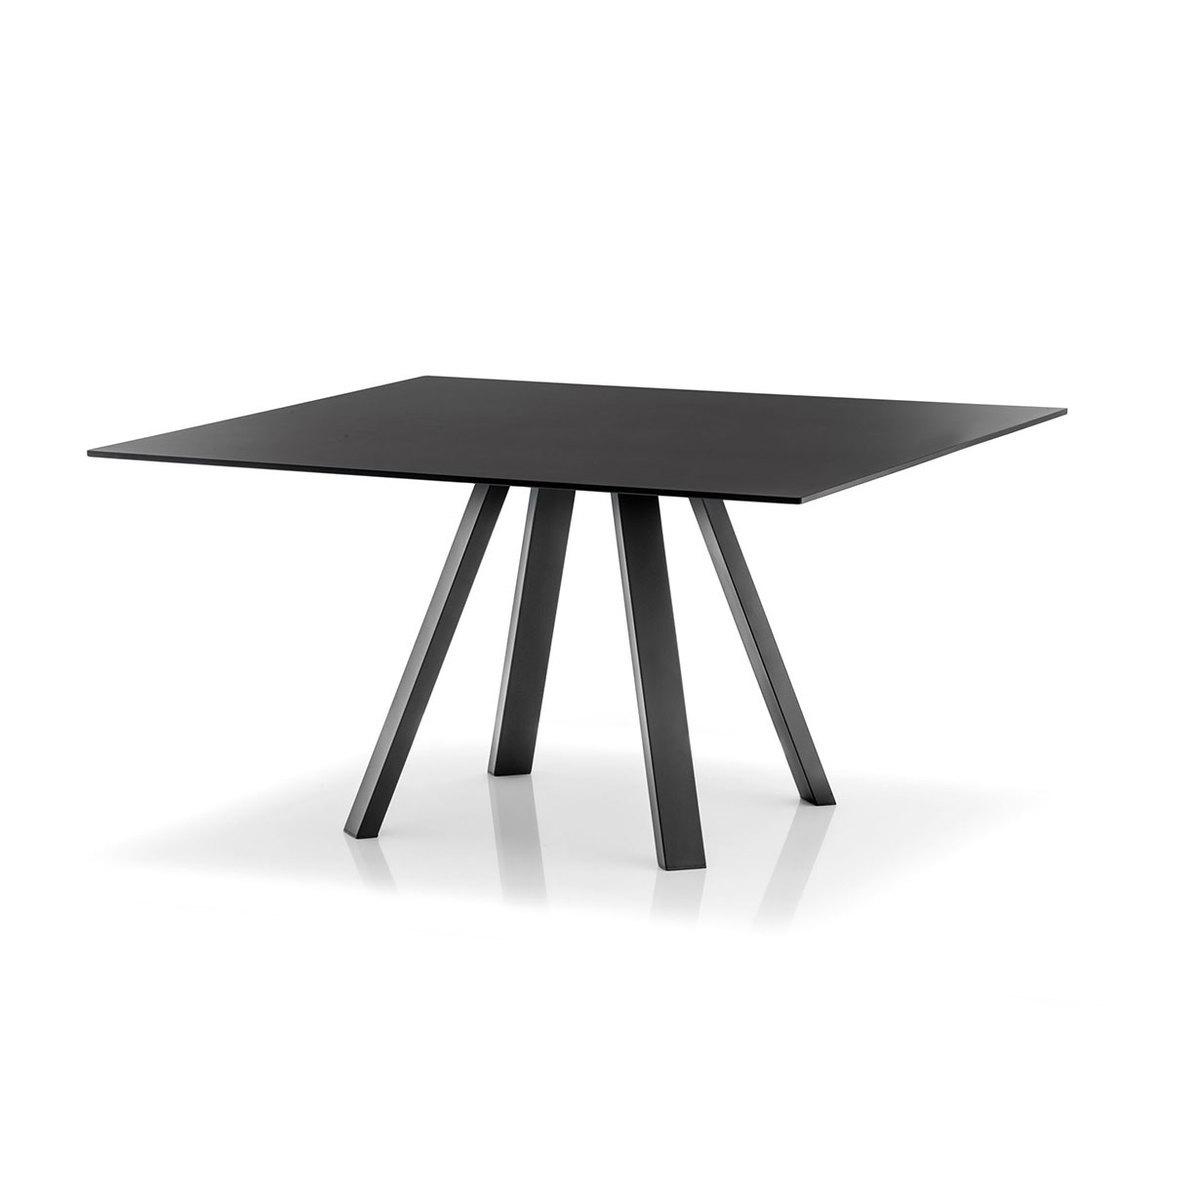 Tavolo Arki L 139 cm